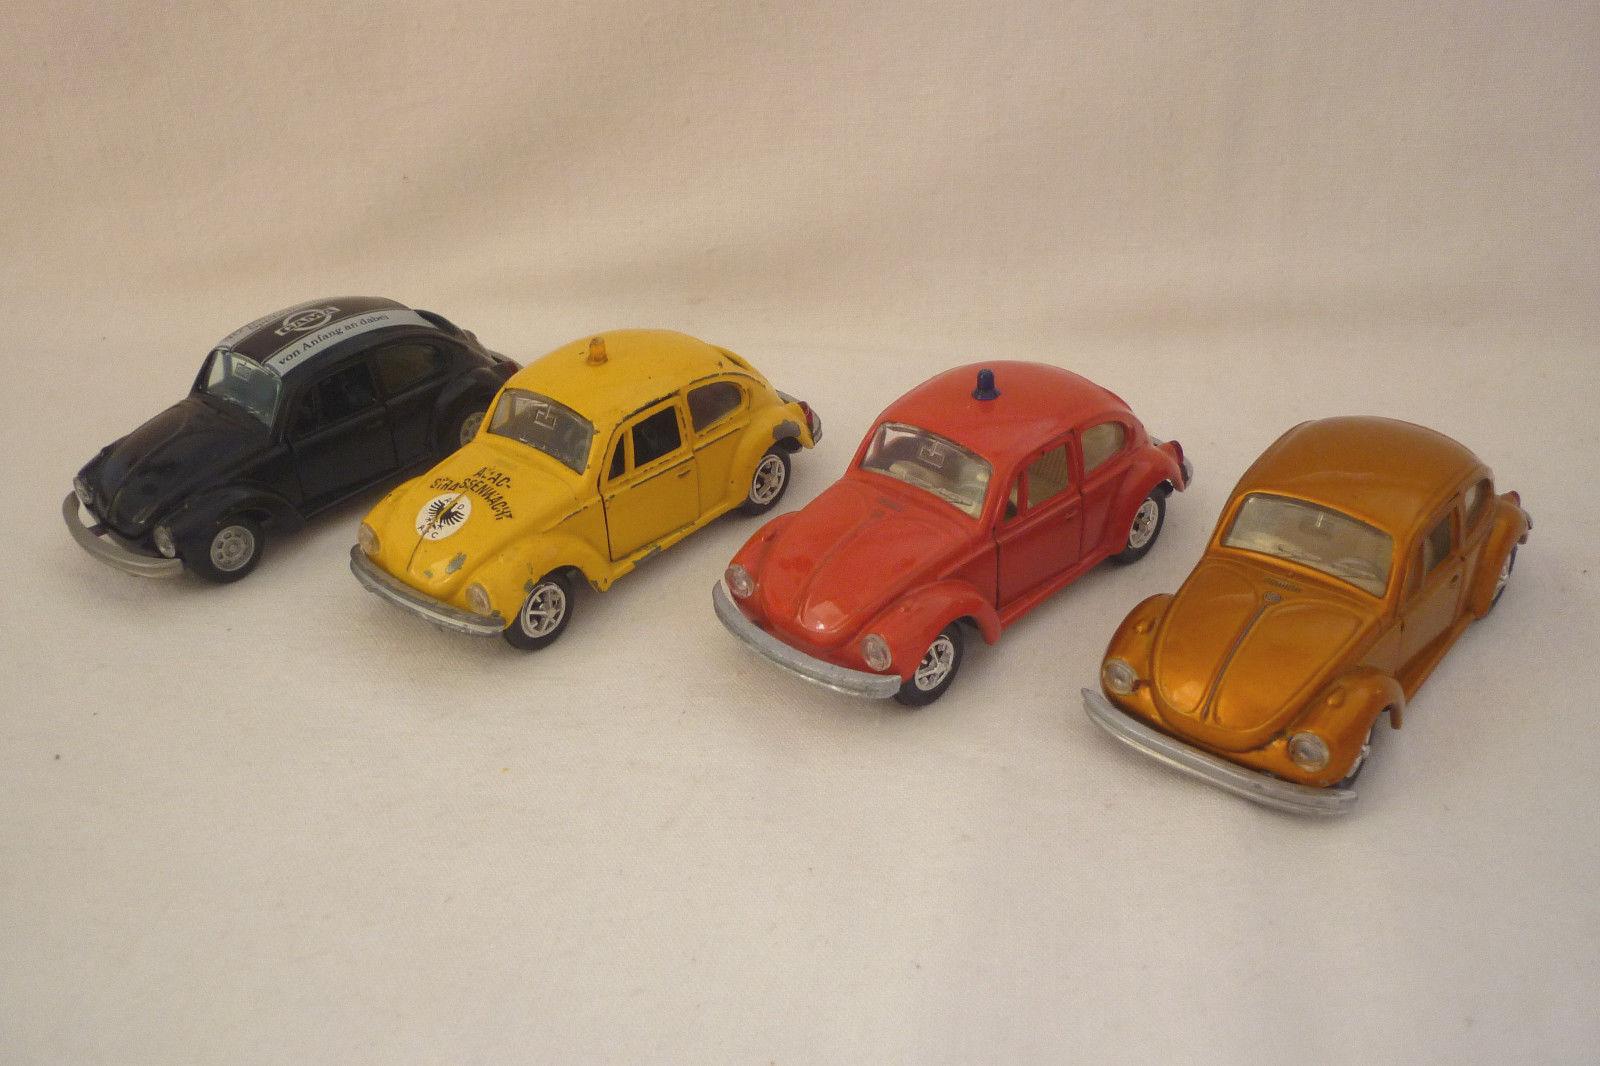 Gama-Mini-modèle-Liasse - 4 x VW 1302-Nº 898 - 1 43 - (4.div-16)